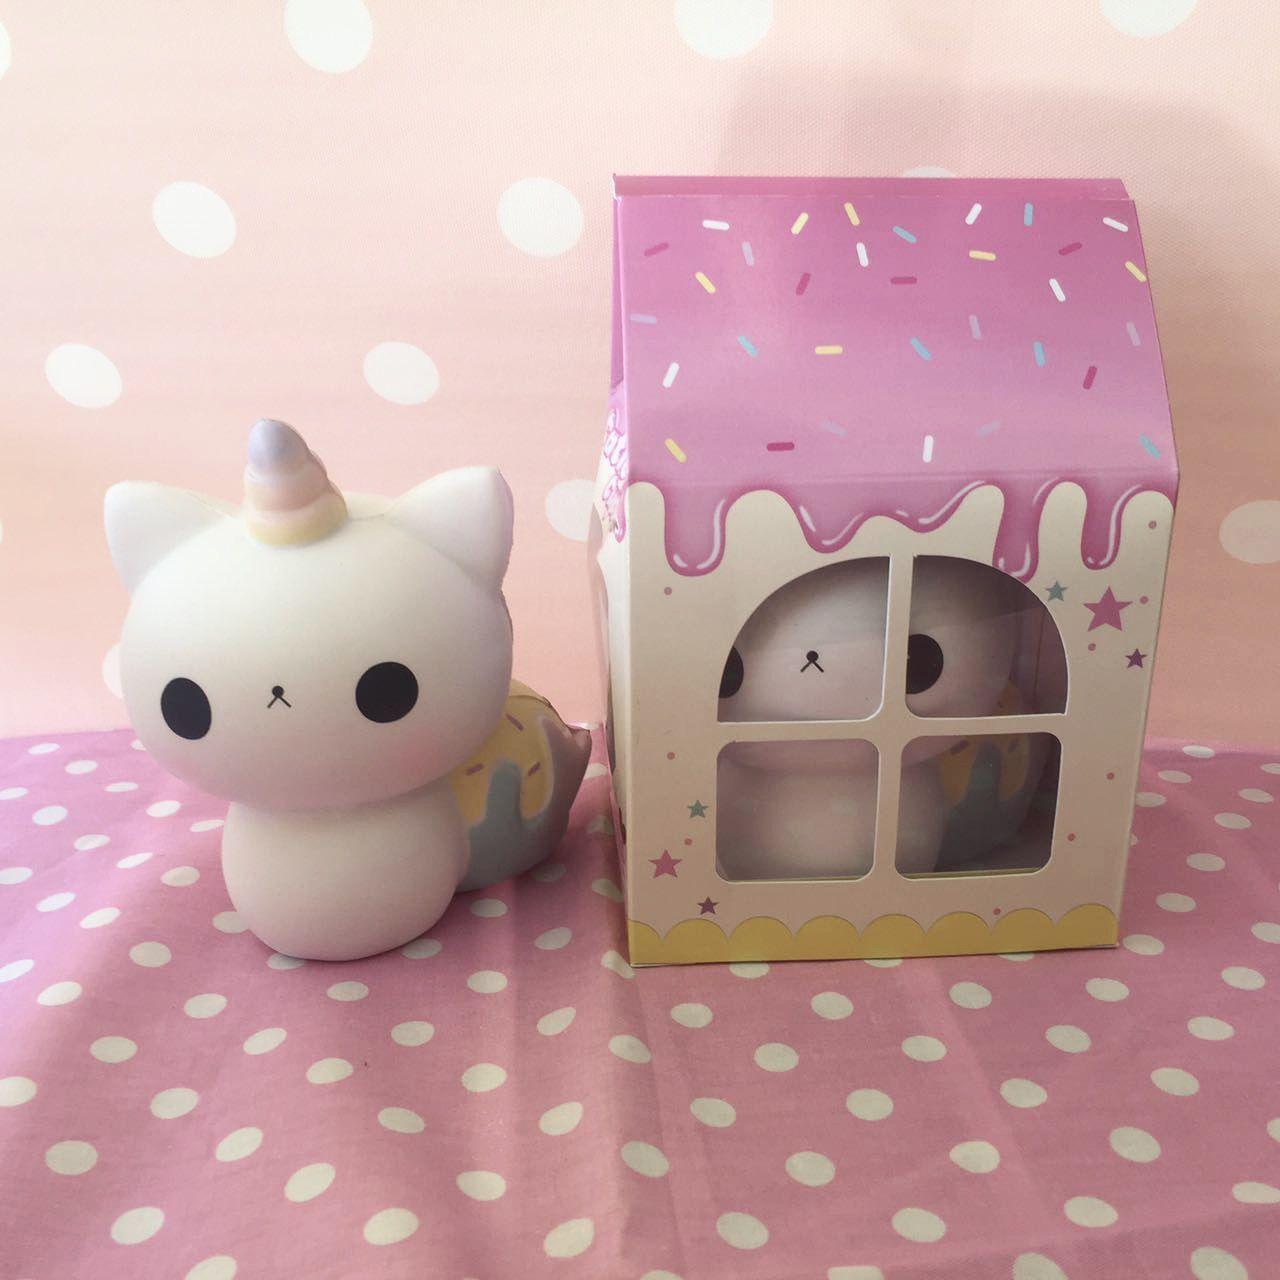 Squishy Cat Unicorn : Cupcake kitty caticorn squishy ~ adopt me Squishes Pinterest Kitty, Squishies and Kawaii